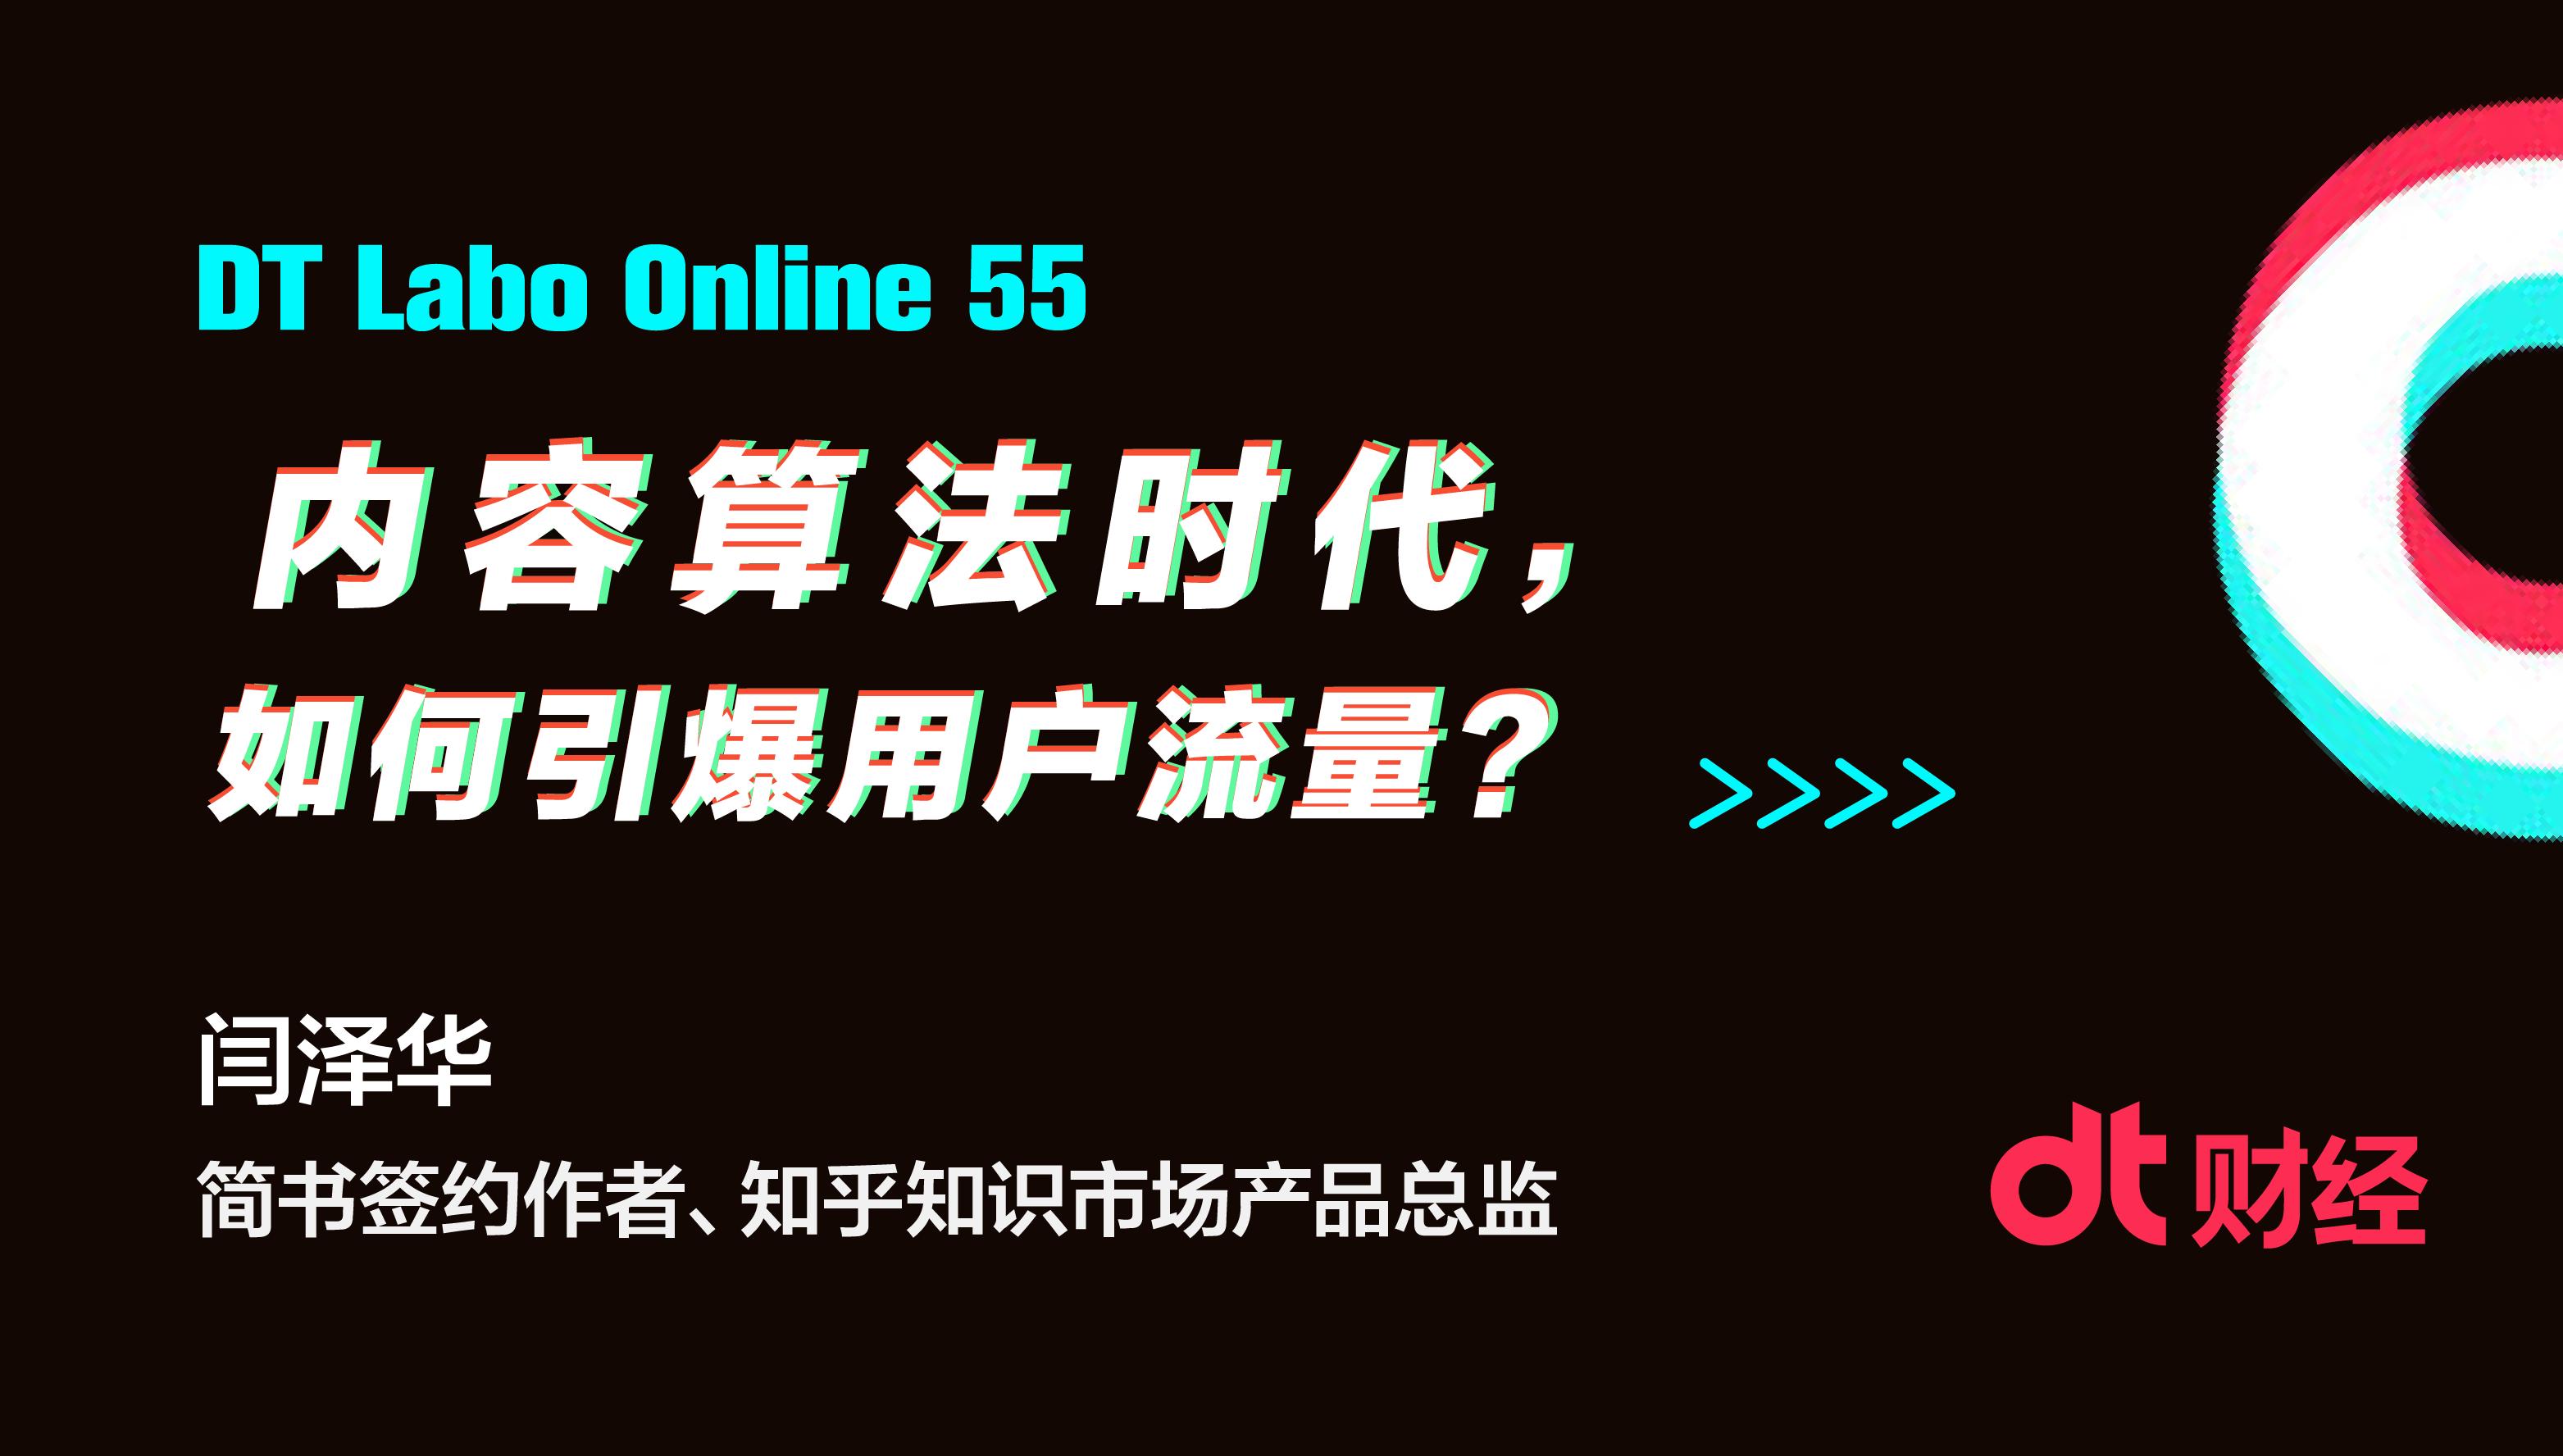 内容算法时代,如何引爆用户流量? | DT Labo Online 55